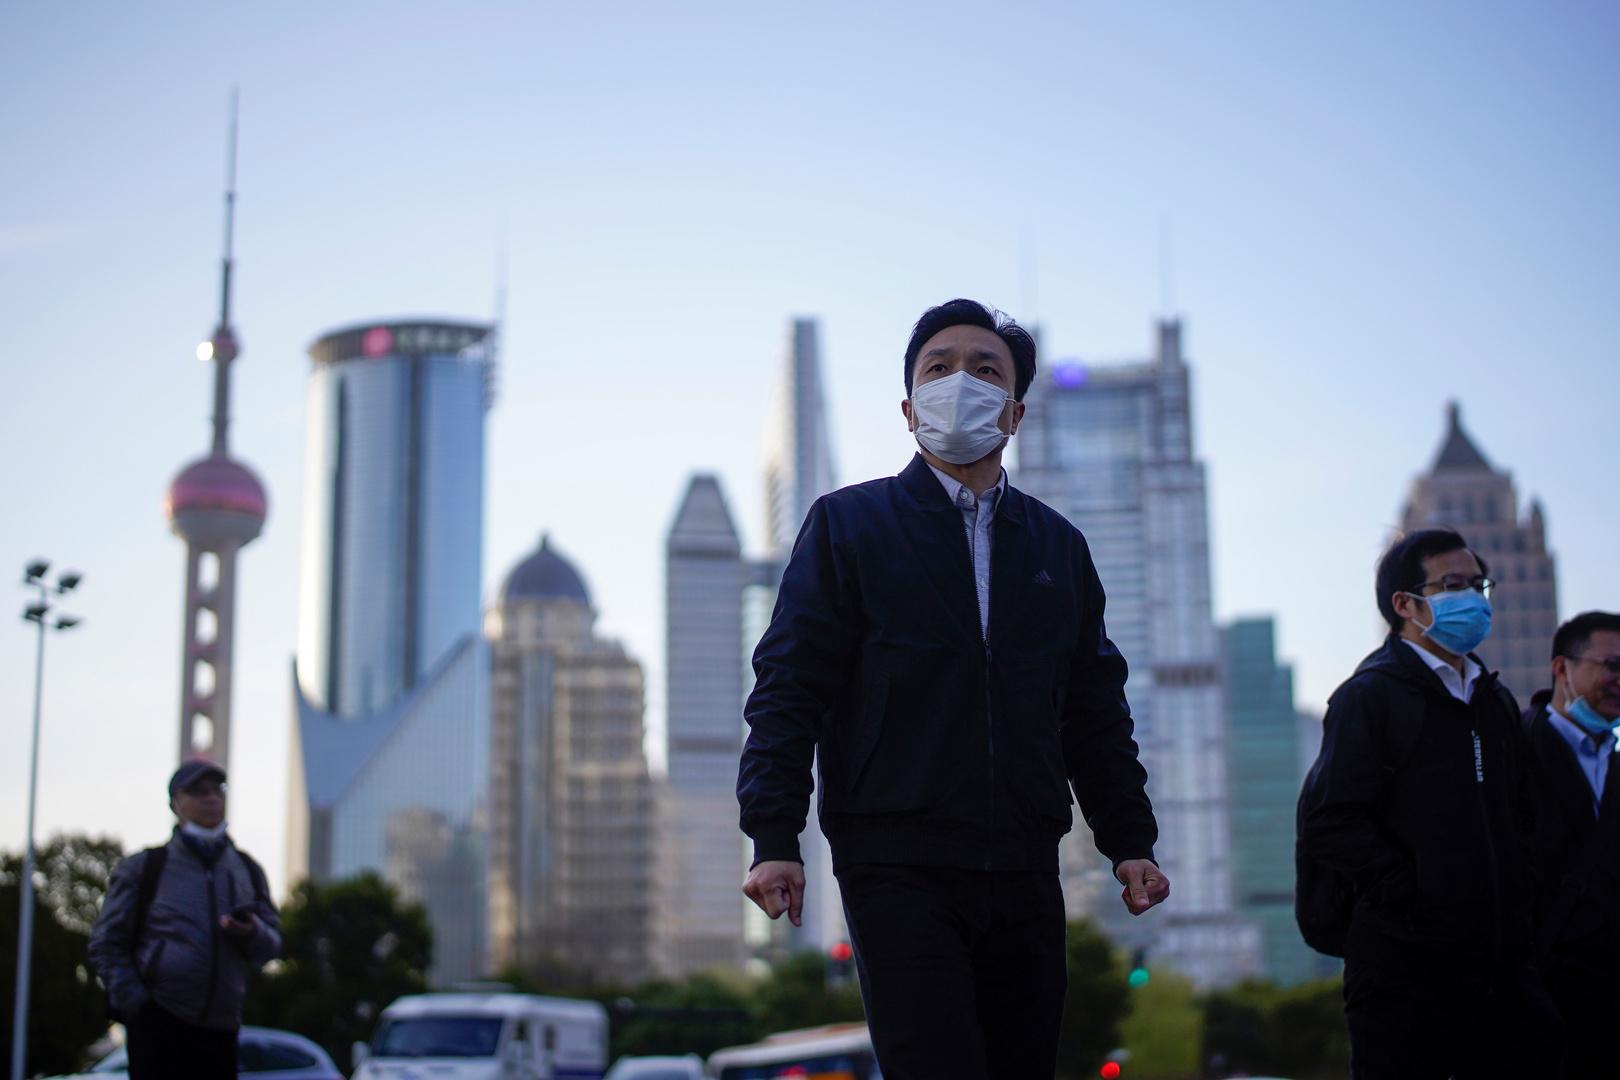 الصين.. لا إصابات بفيروس كورونا داخل البلاد خلال الـ24 ساعة الماضية